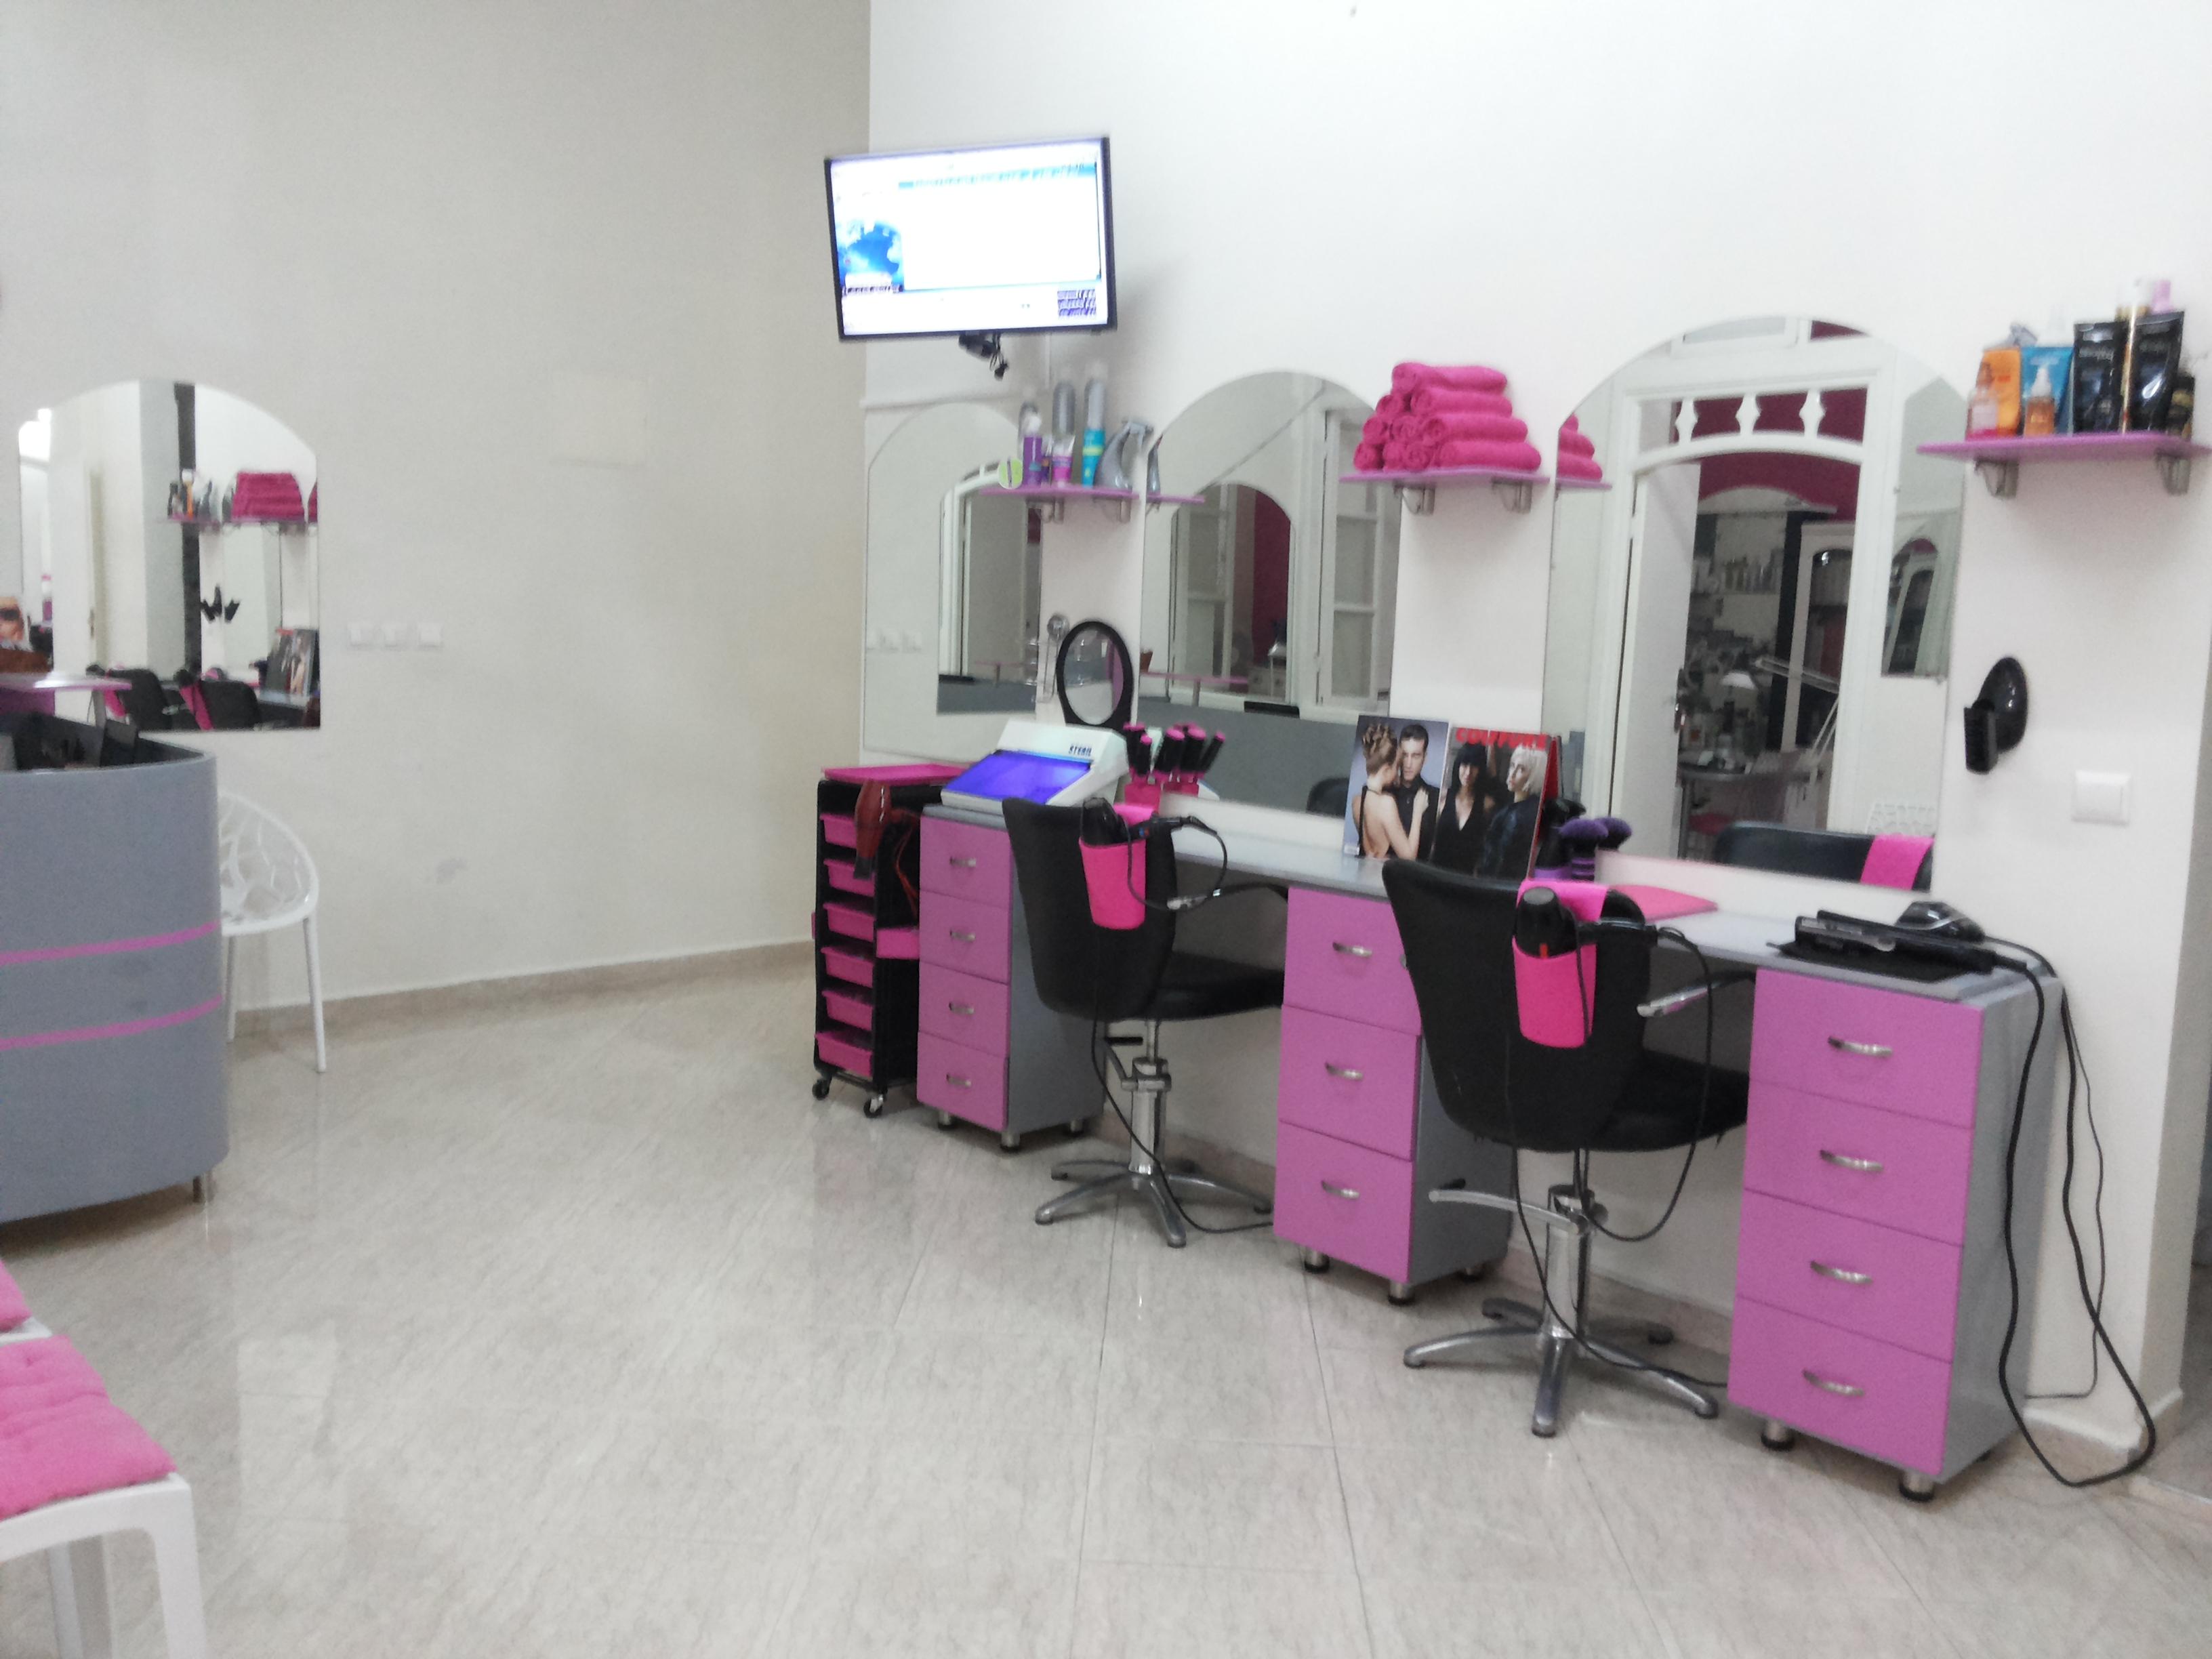 decoration salon de coiffure pour femme. Black Bedroom Furniture Sets. Home Design Ideas